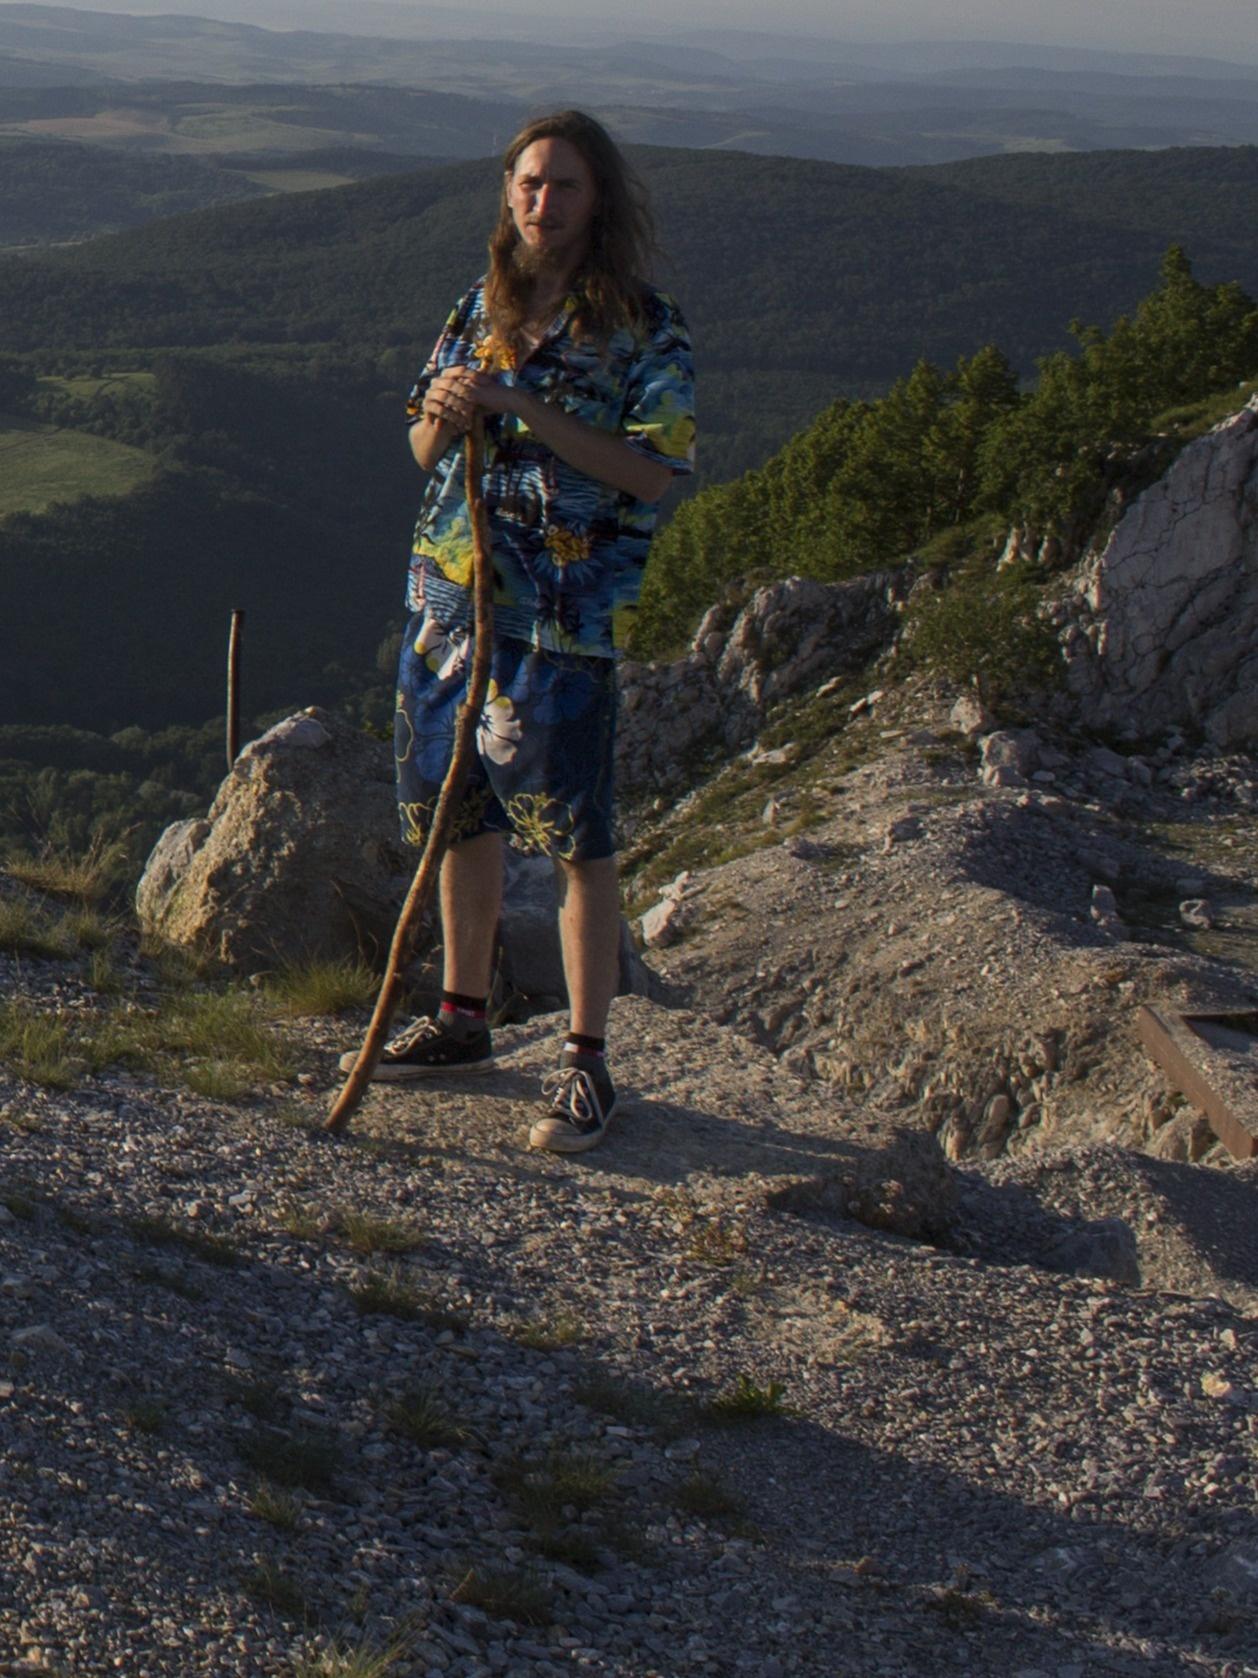 Felvette hajmeresztő zuhanását a hegymászó